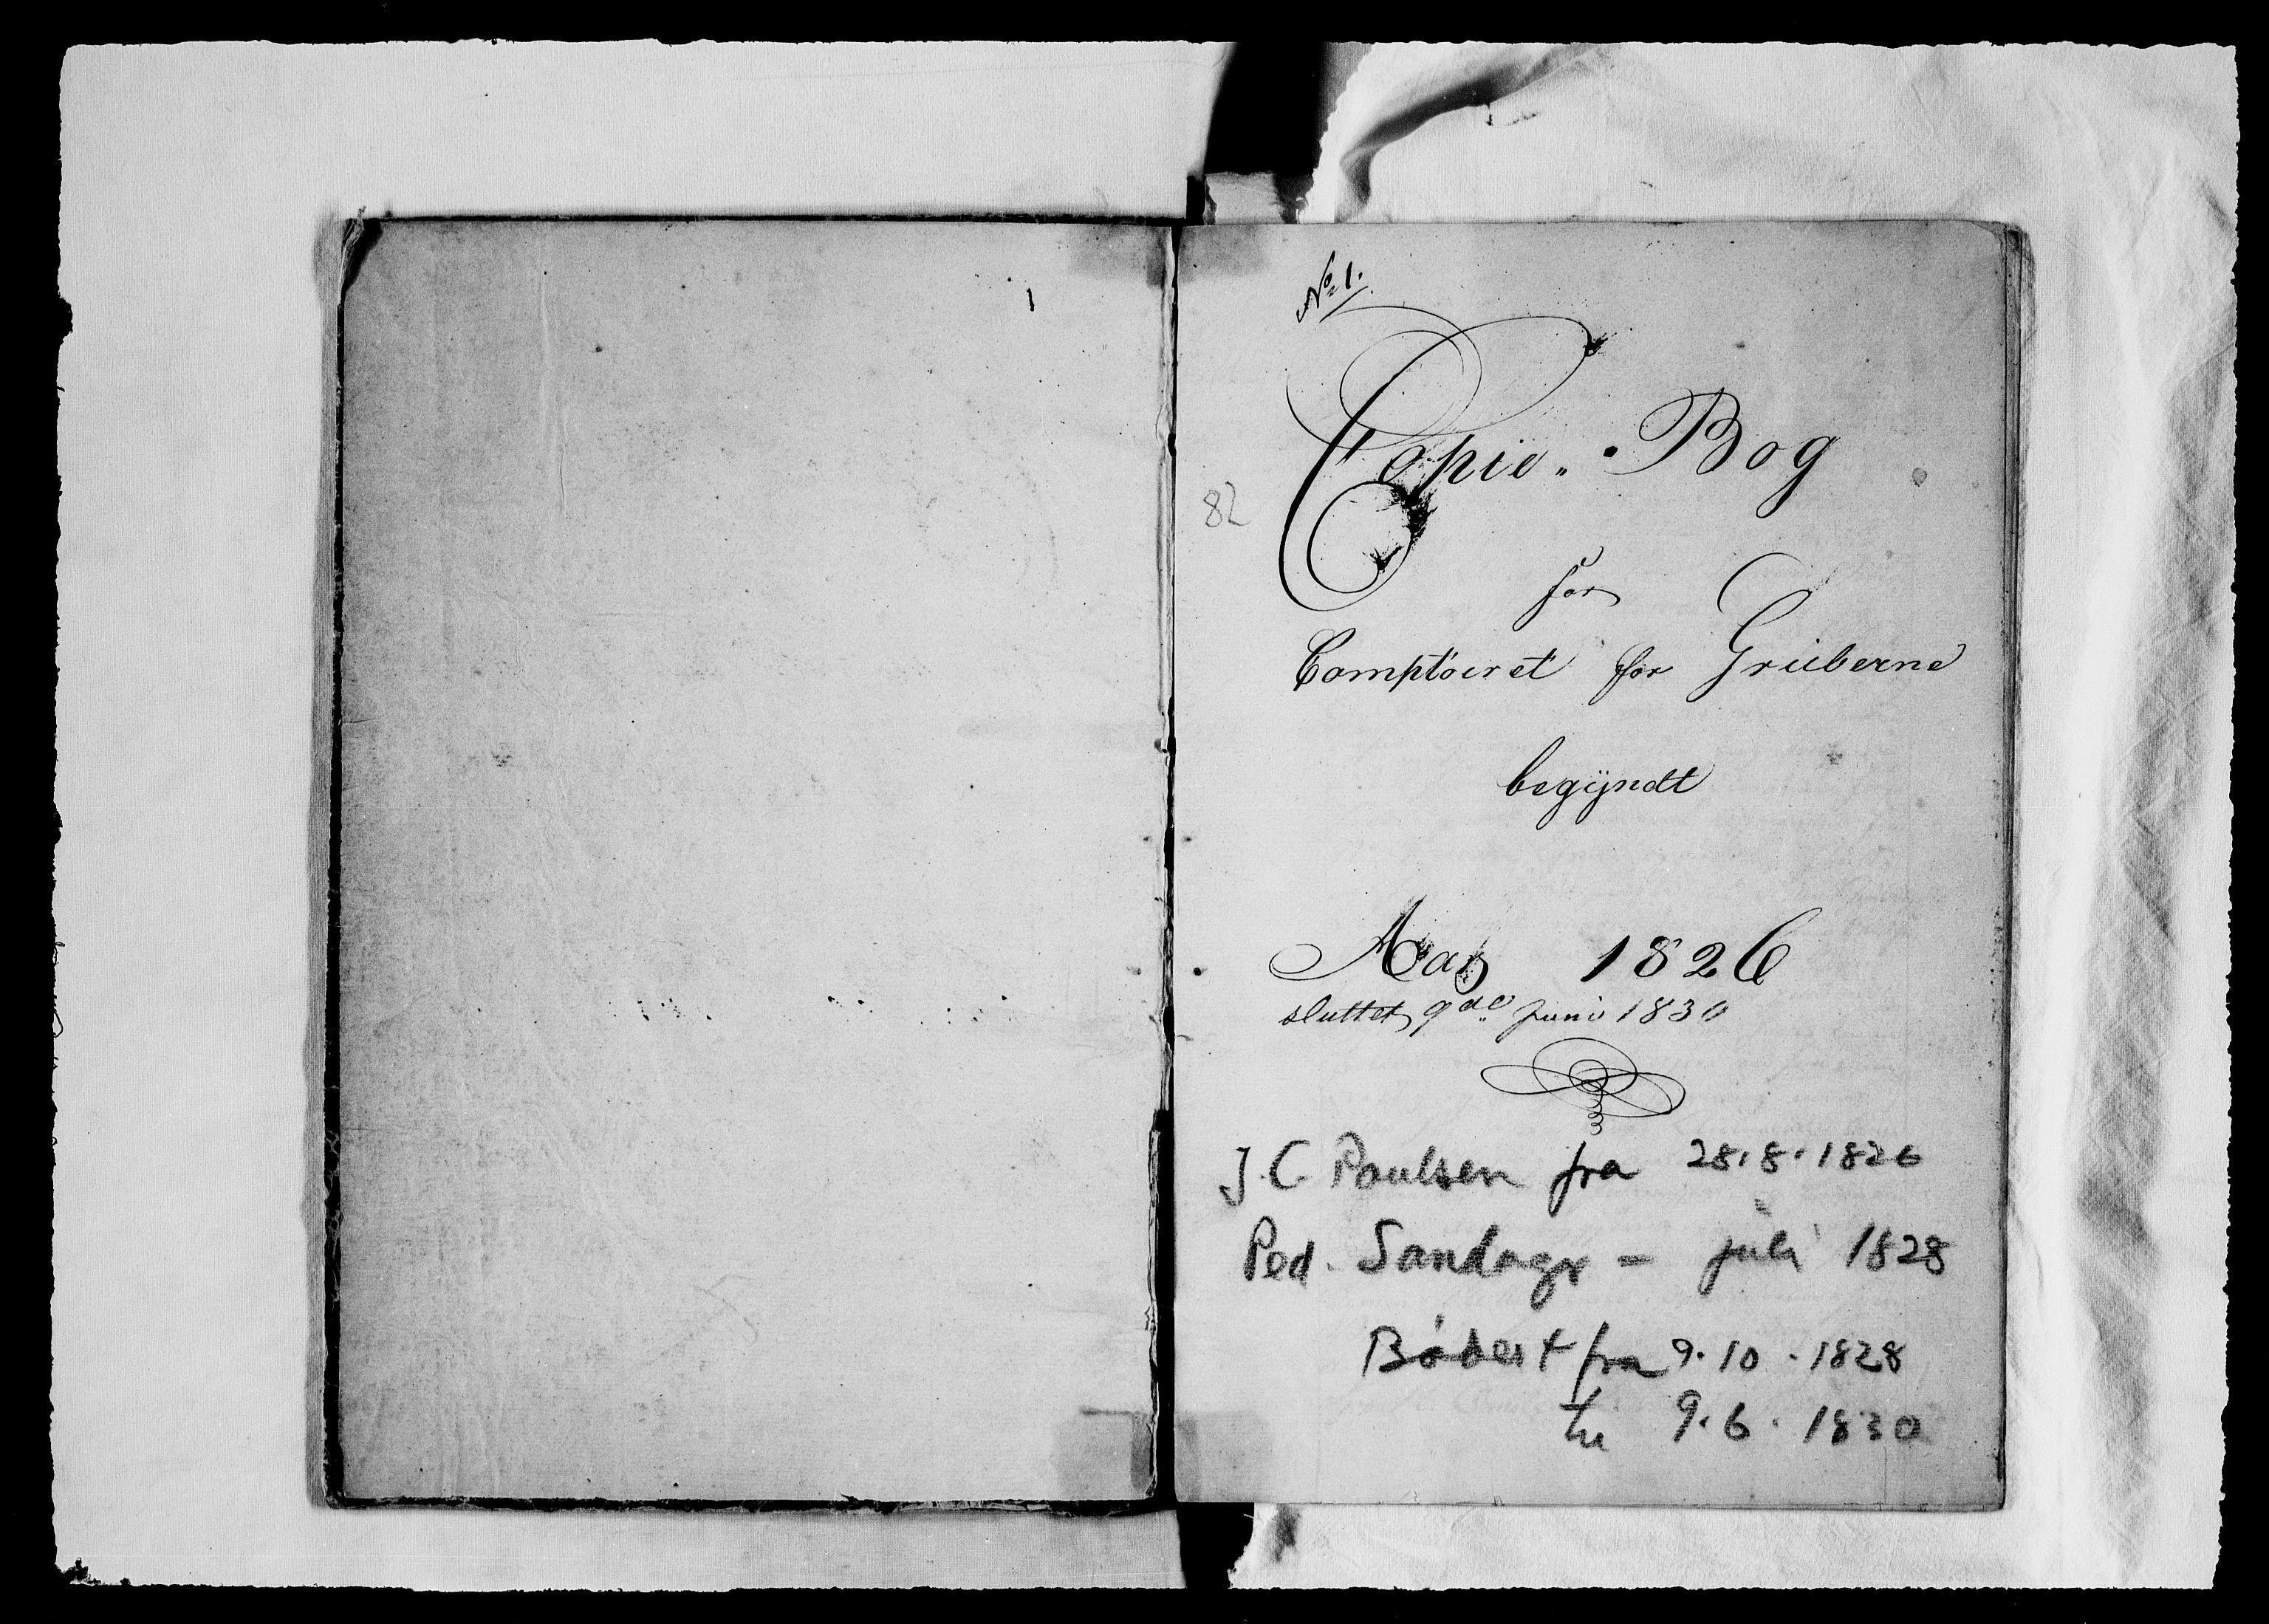 RA, Modums Blaafarveværk, G/Gb/L0082, 1826-1830, s. 2